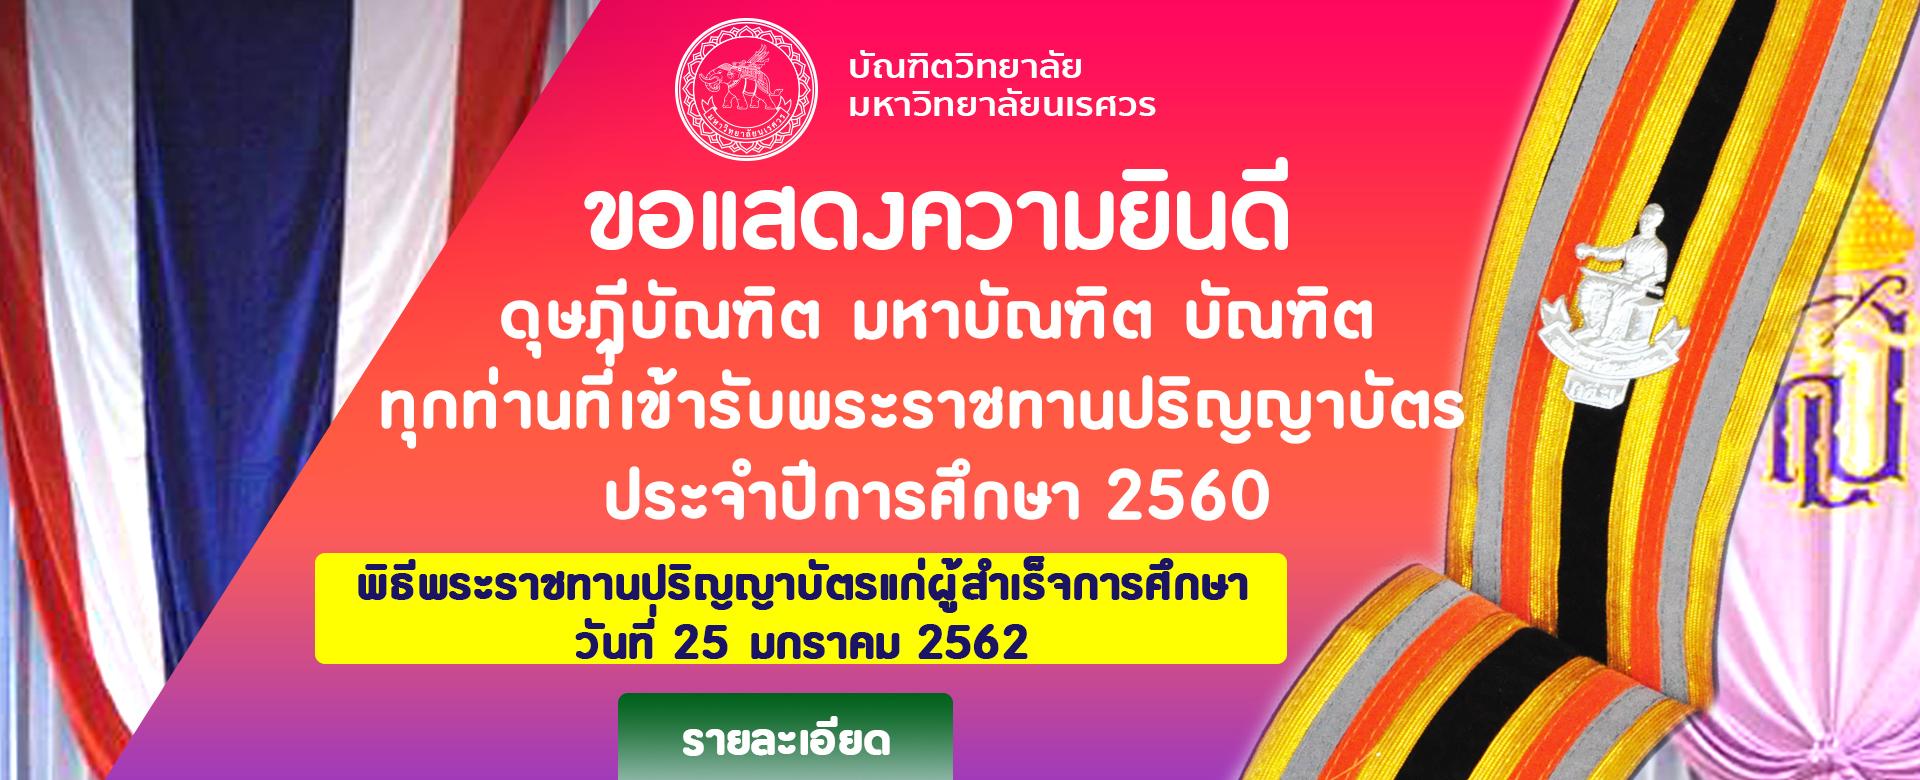 พิธีพระราชทานปริญญาบัตรแก่ผู้สำเร็จการศึกษา ประจำปีการศึกษา 2560